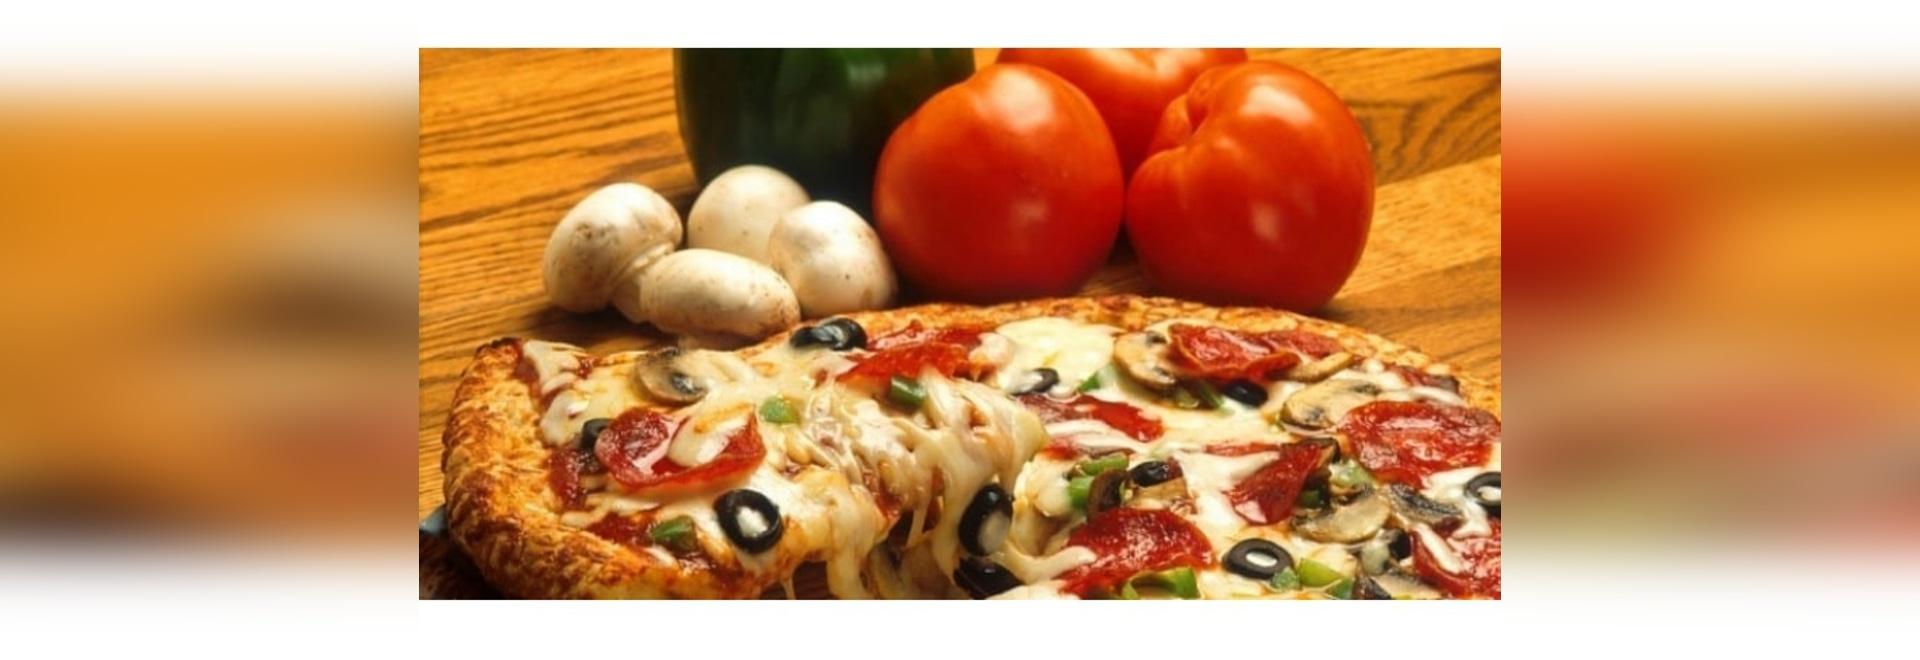 Les aliments ultra-traités liés à un risque accru de diabète de type 2